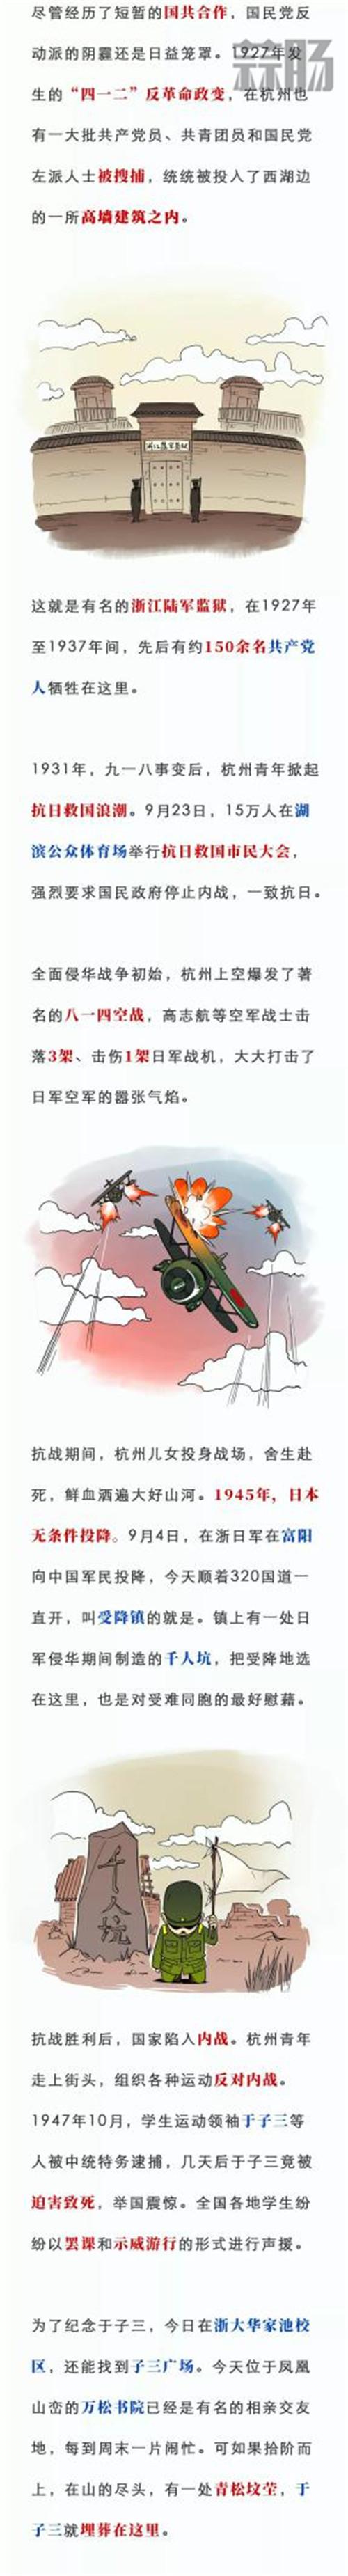 一张漫画看百年前的杭州青年 漫展 第2张